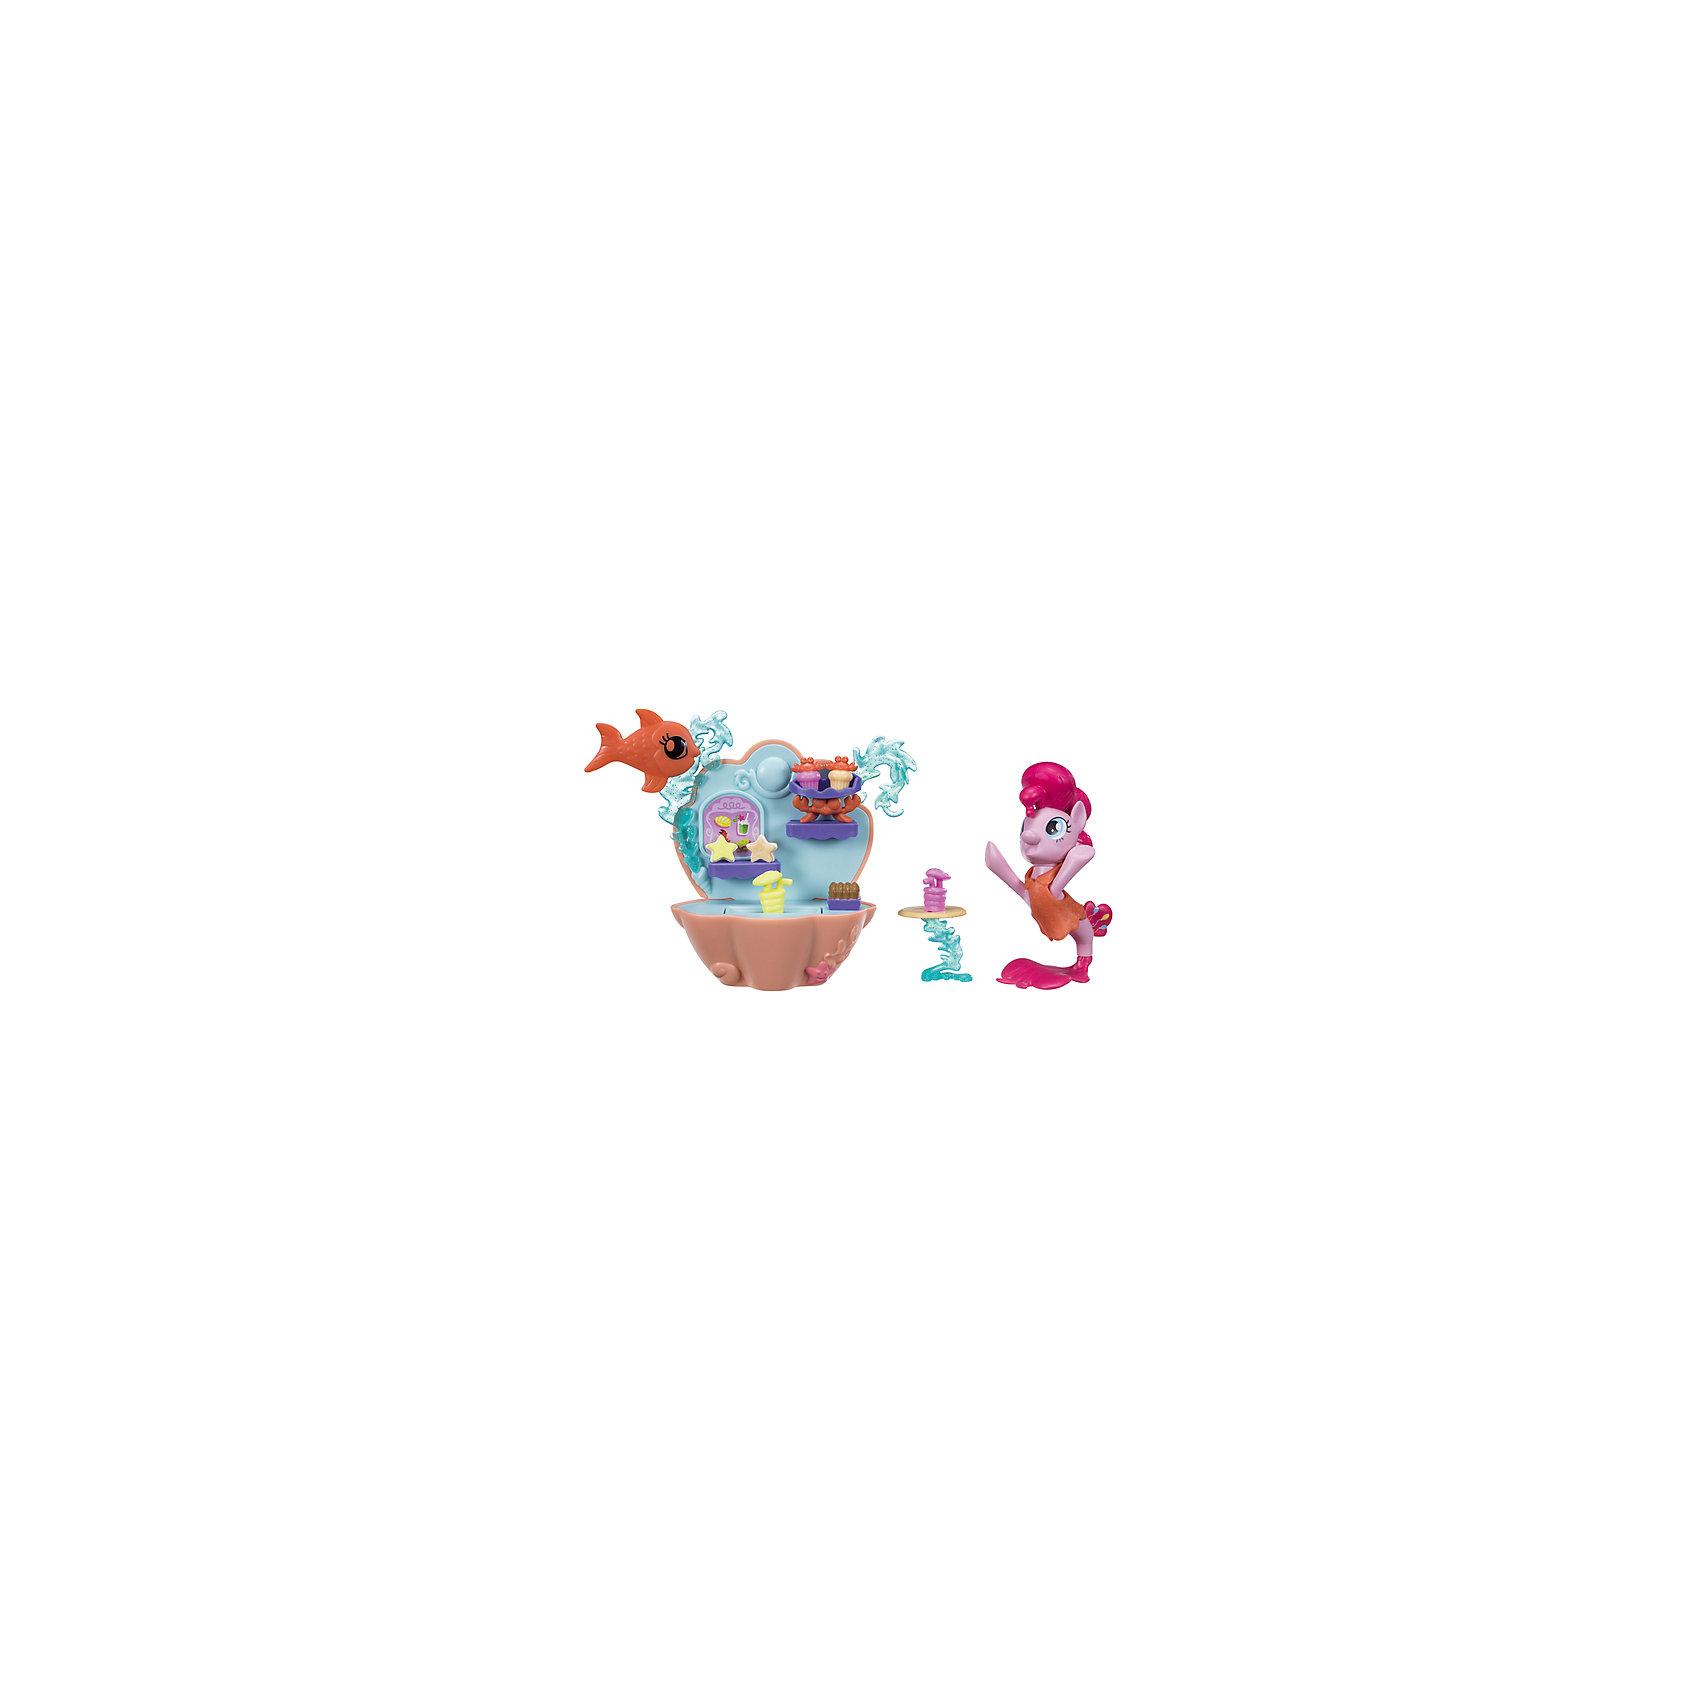 Игровой набор Hasbro My Little Pony Мерцание, Пинки ПайФигурки из мультфильмов<br>Характеристики:<br><br>• игровой набор включает в себя пони-модницу и комплект аксессуаров;<br>• предметы набора позволяют разнообразить игру;<br>• при наличии других фигурок «Мерцание» игра становится насыщеннее;<br>• пони устойчиво стоит на специальной подставке;<br>• материал: пластик;<br>• девочка придумывает разные истории с участием персонажа;<br>• развивается фантазия, пополняется словарный запас.<br><br>MLP «Мерцание» пони с набором аксессуаров можно купить в нашем интернет-магазине.<br><br>Ширина мм: 9999<br>Глубина мм: 9999<br>Высота мм: 9999<br>Вес г: 9999<br>Возраст от месяцев: 36<br>Возраст до месяцев: 120<br>Пол: Женский<br>Возраст: Детский<br>SKU: 7097983